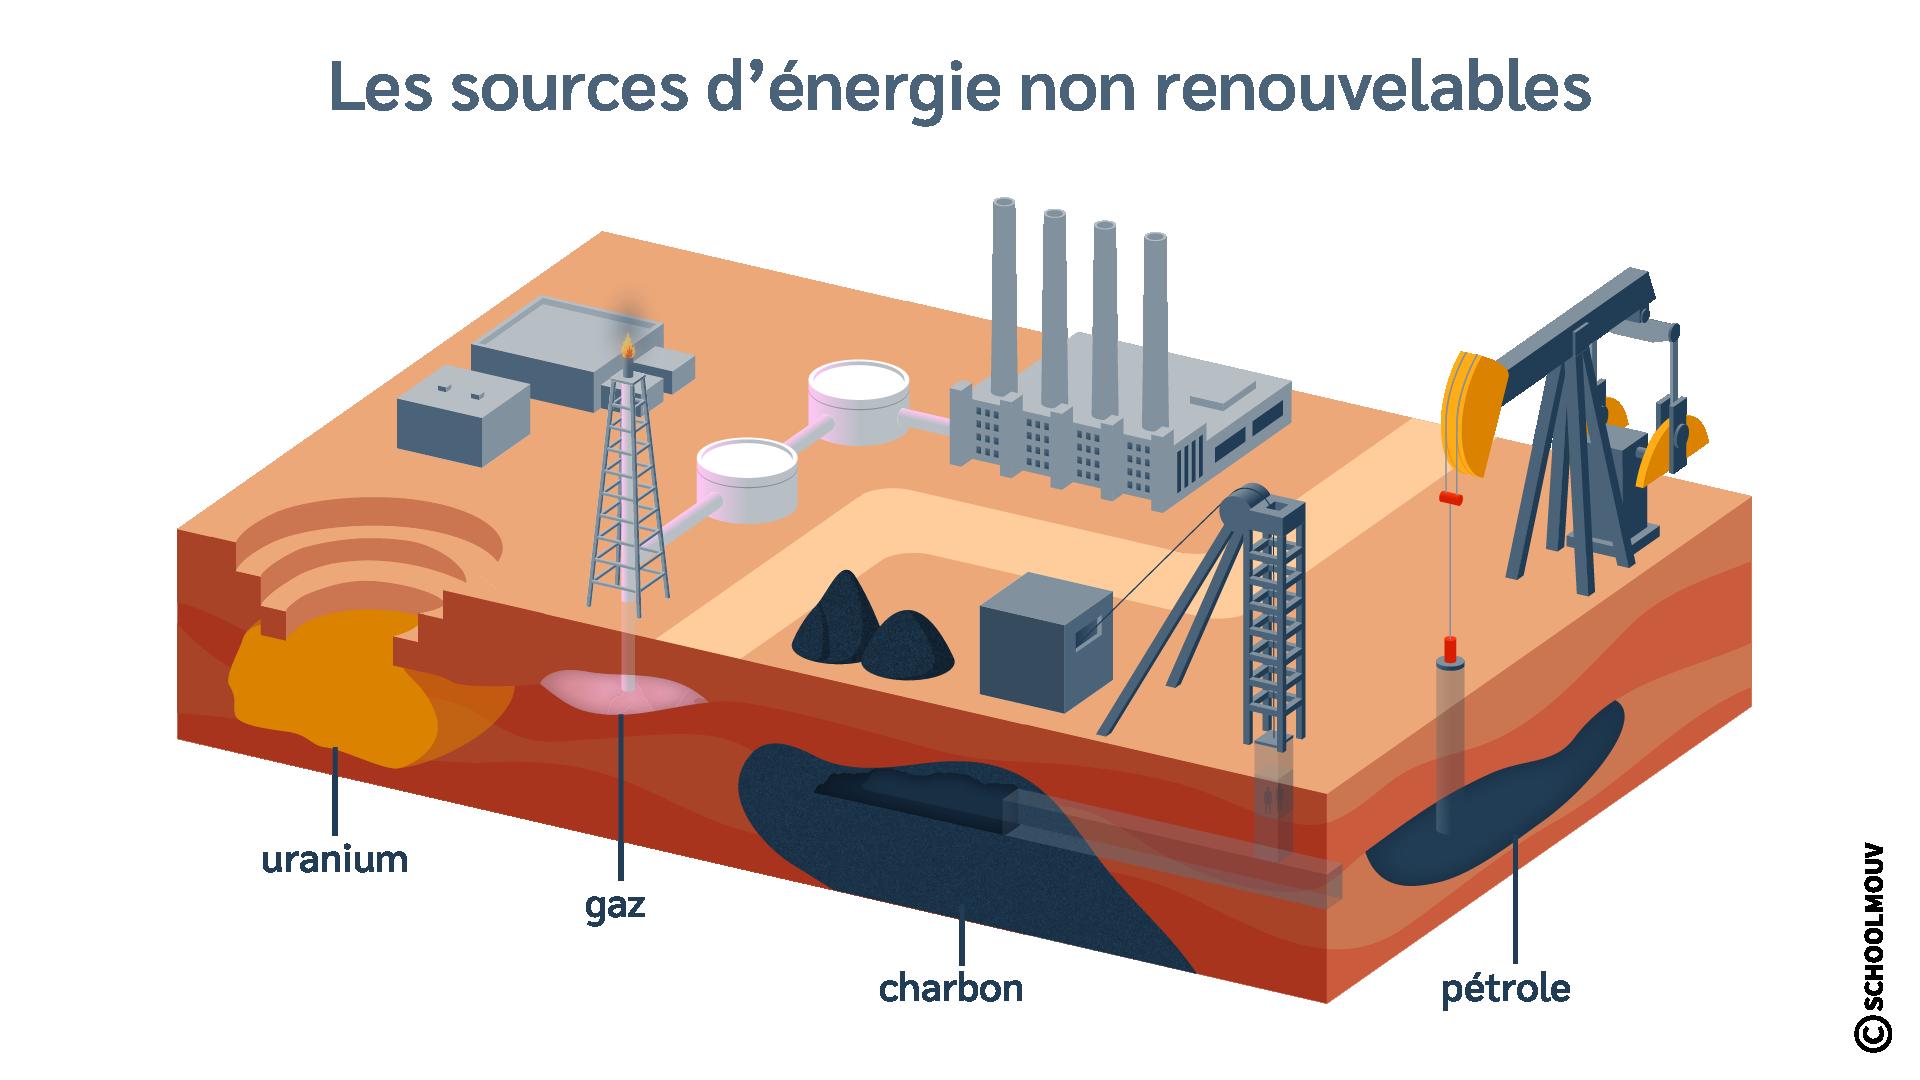 sciences et technologie cm1 les sources d'énergie non renouvelables